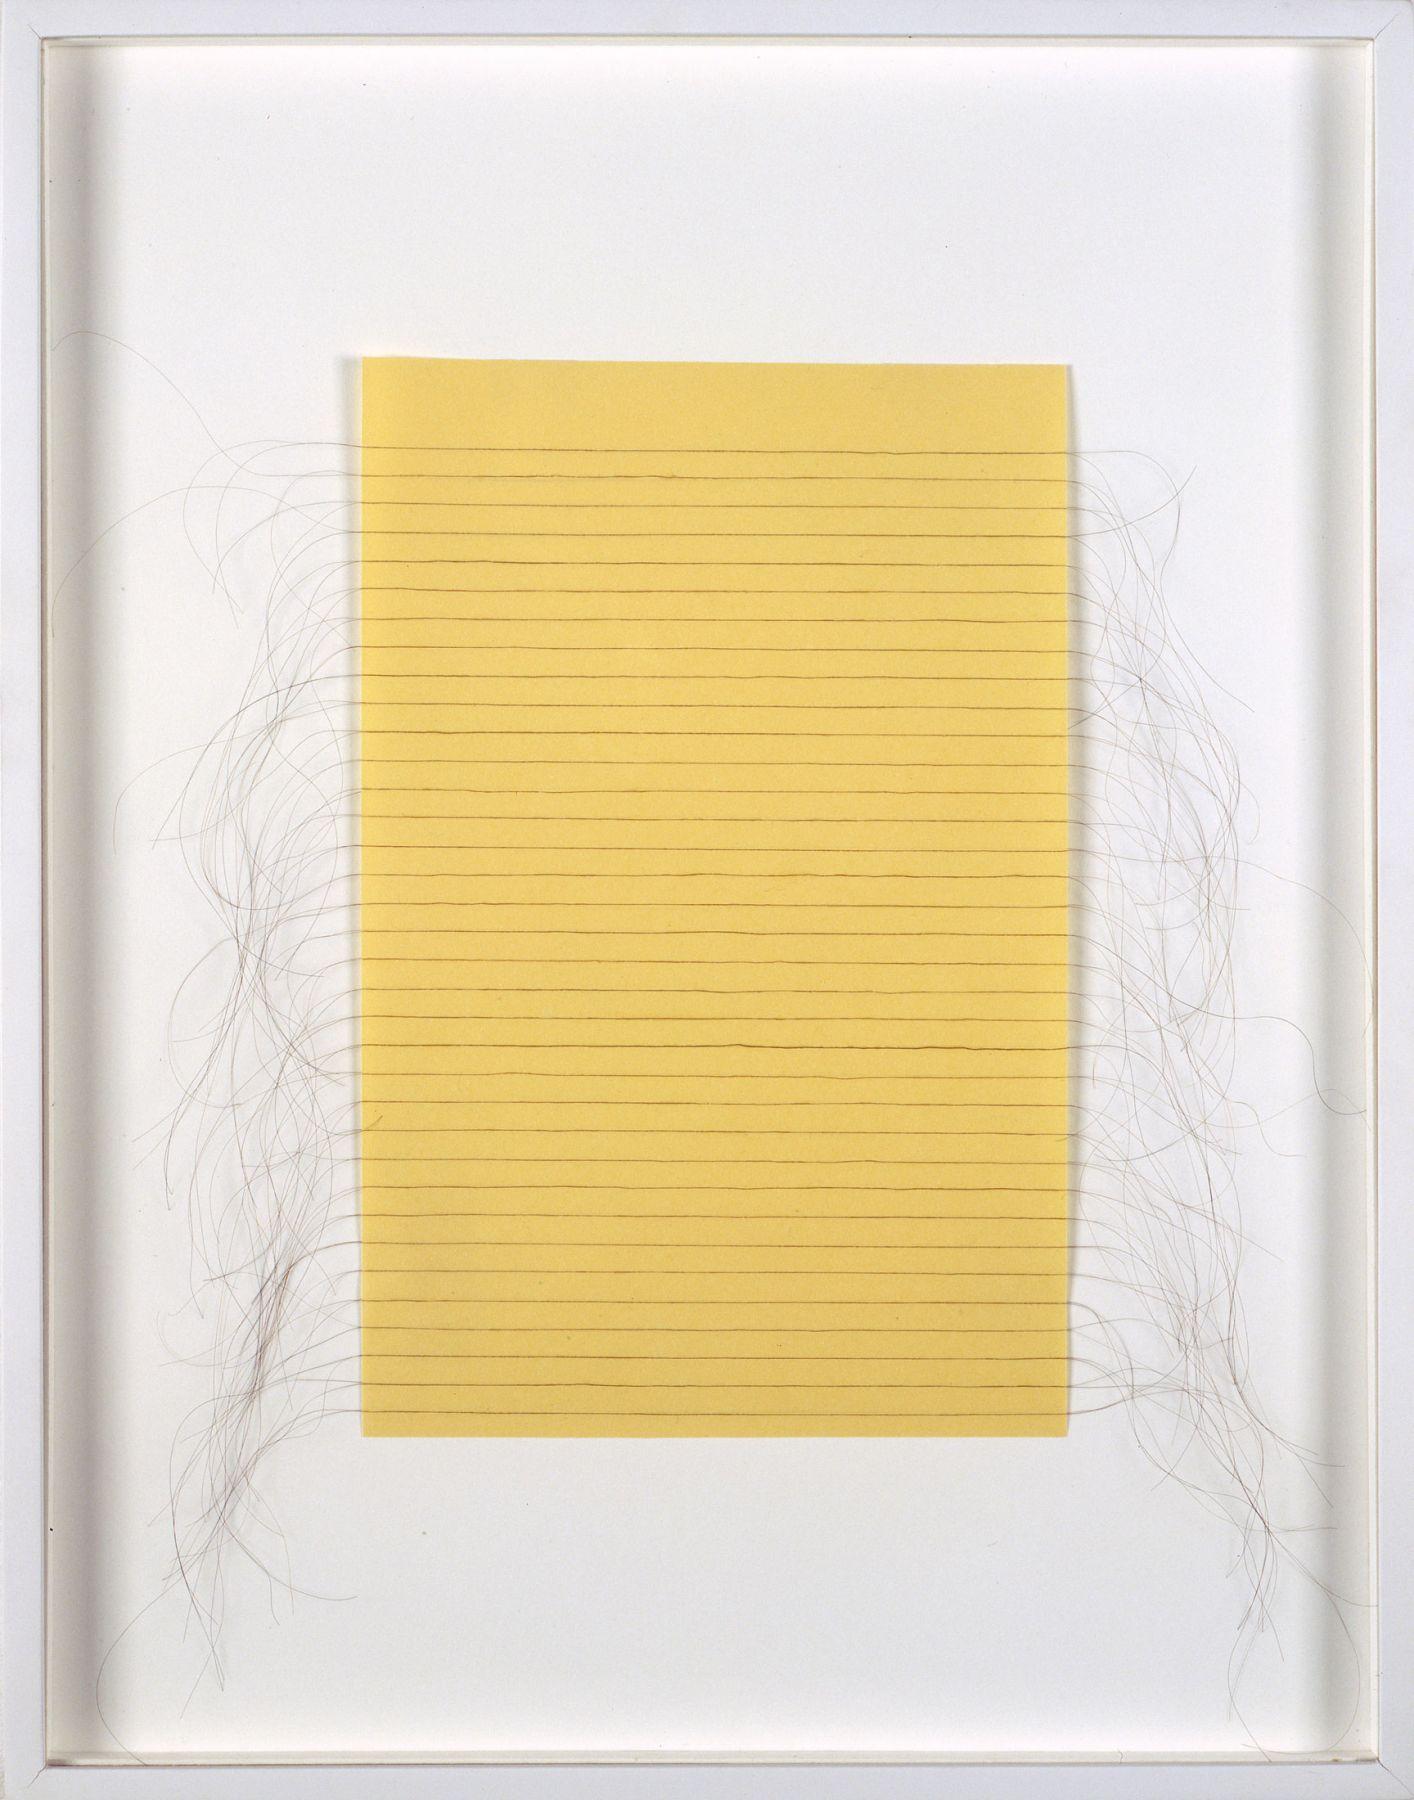 Janine Antoni, Loose Leaf, 1990-1995